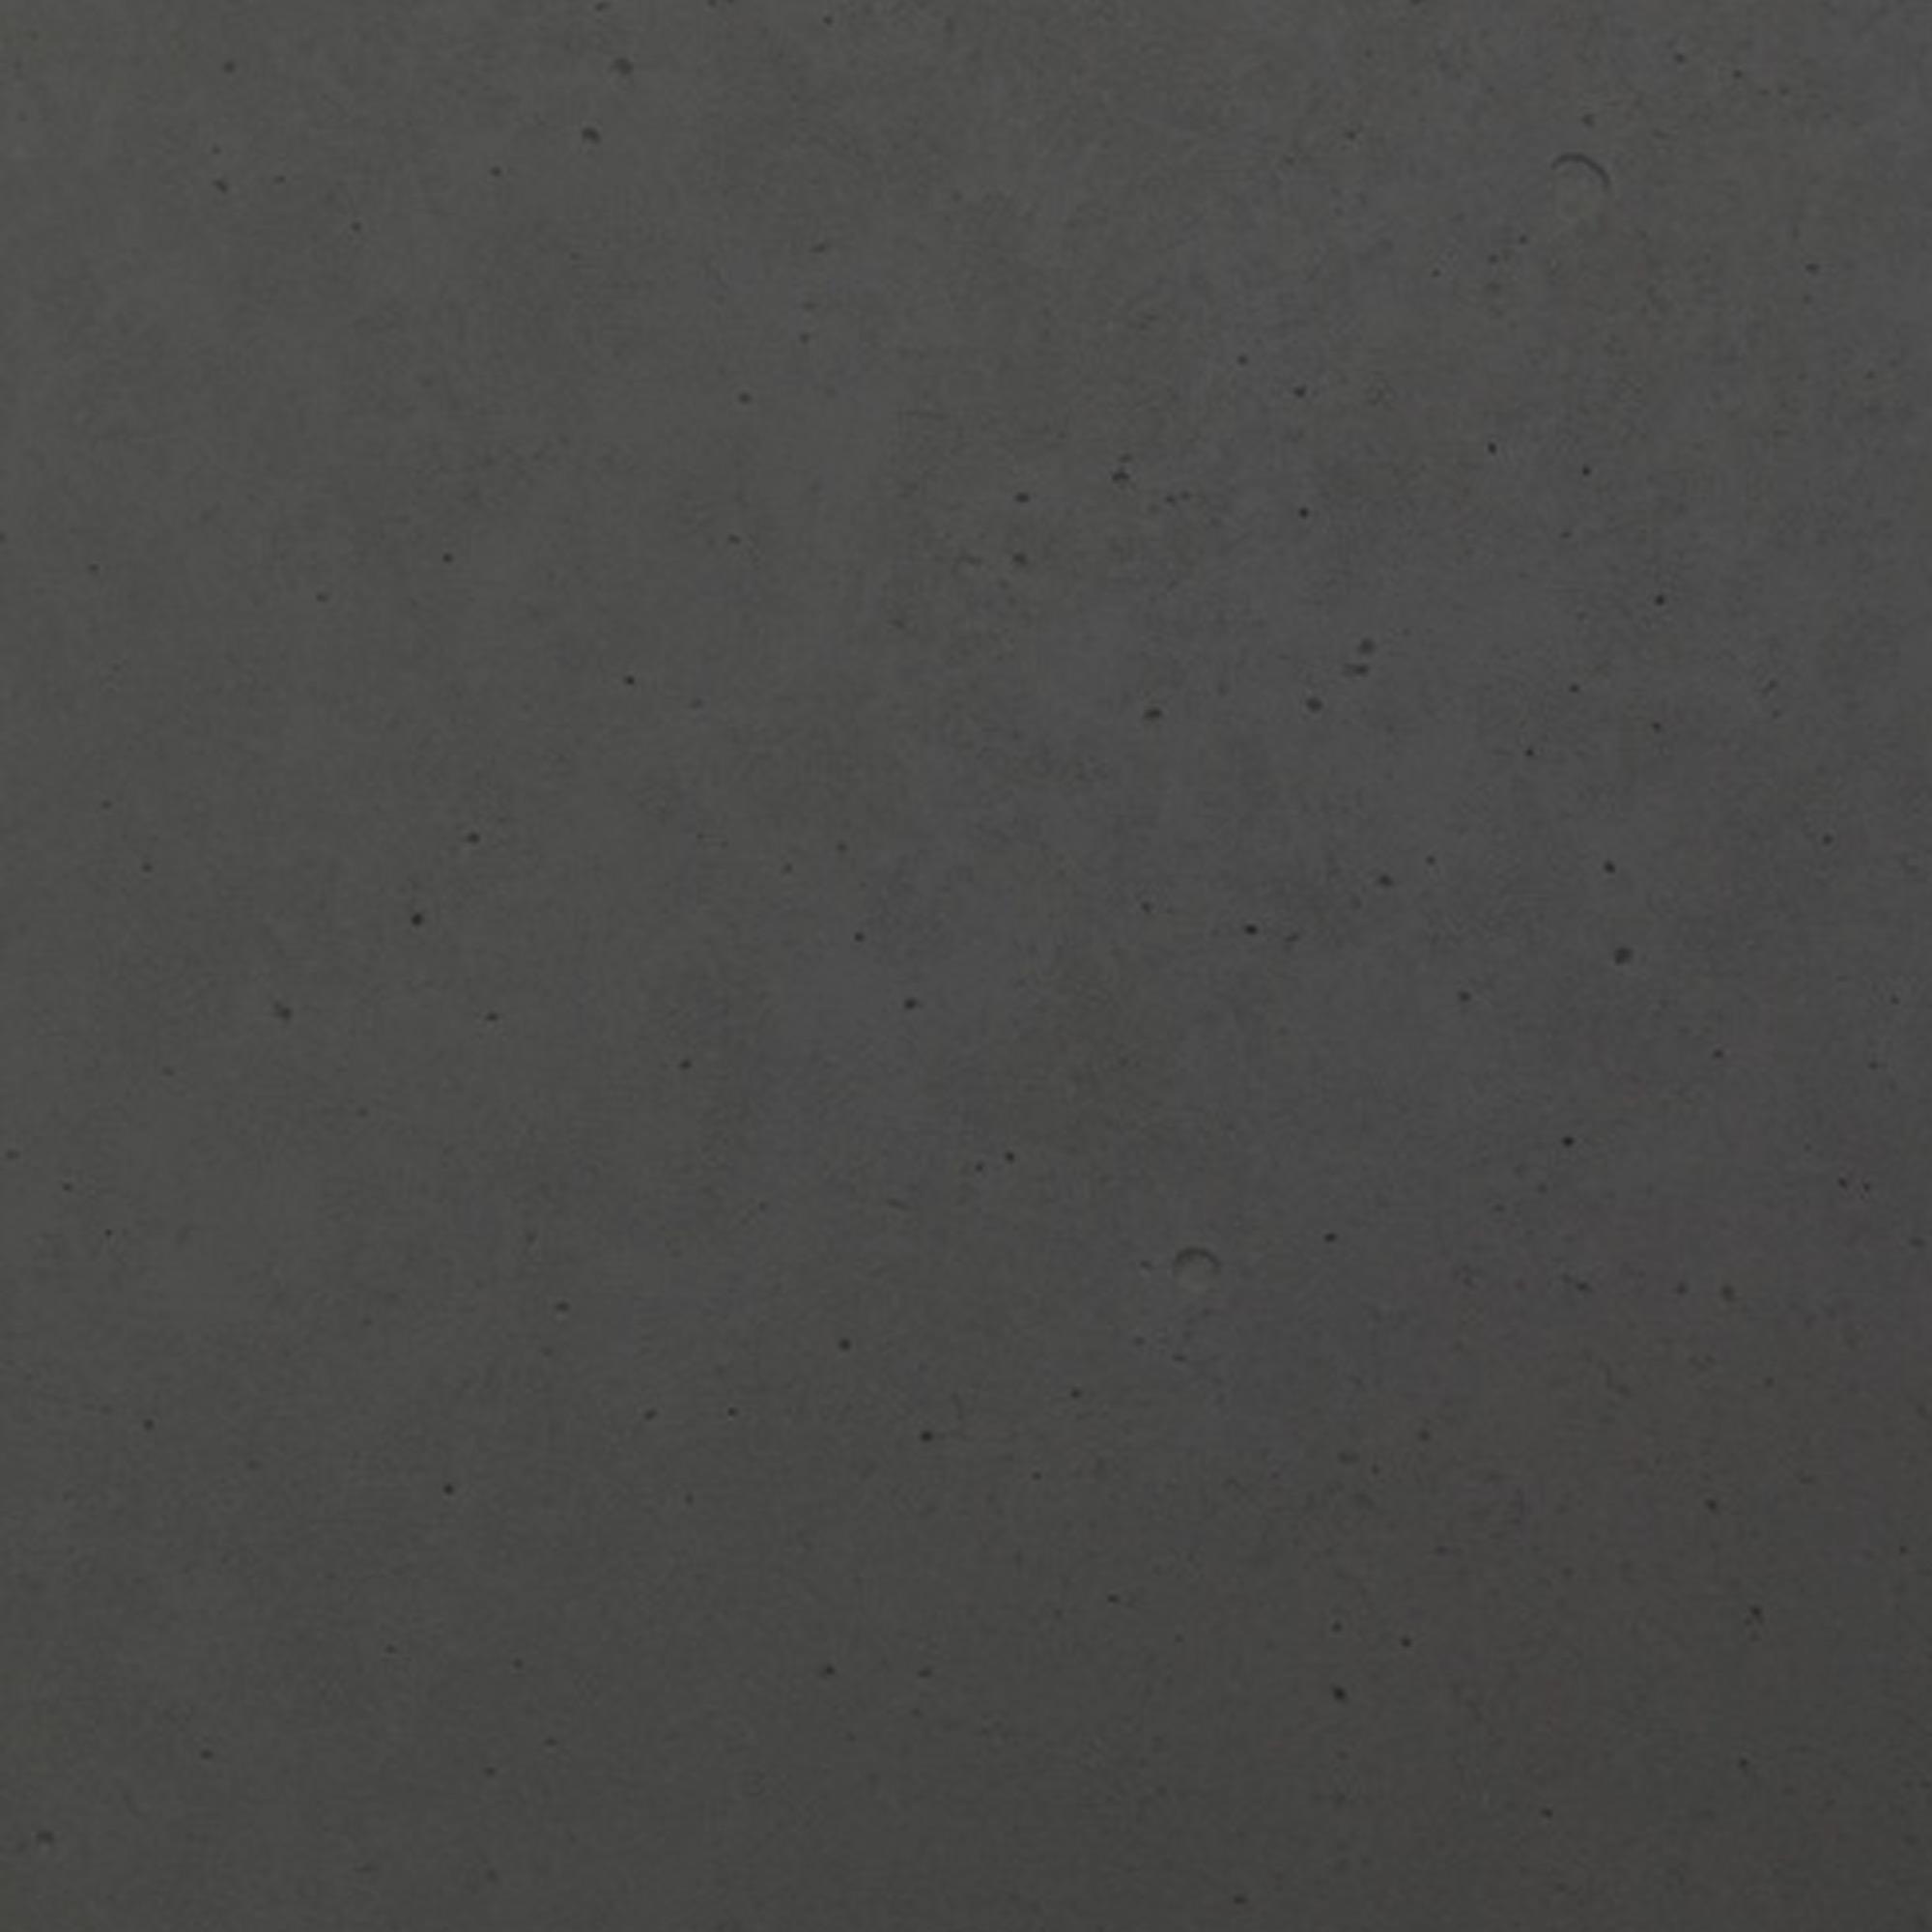 carousel-conclad-finiture-grigio70.jpg